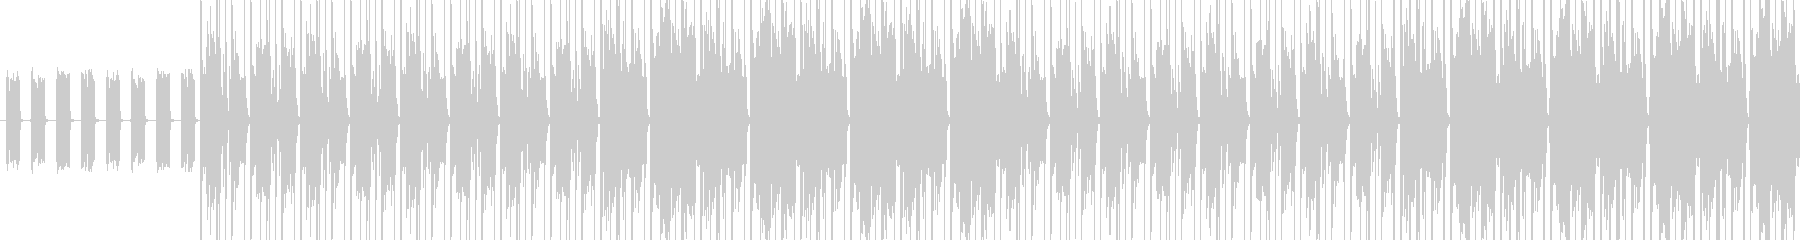 【軽快なアフロビートJAZZ】の未再生の波形